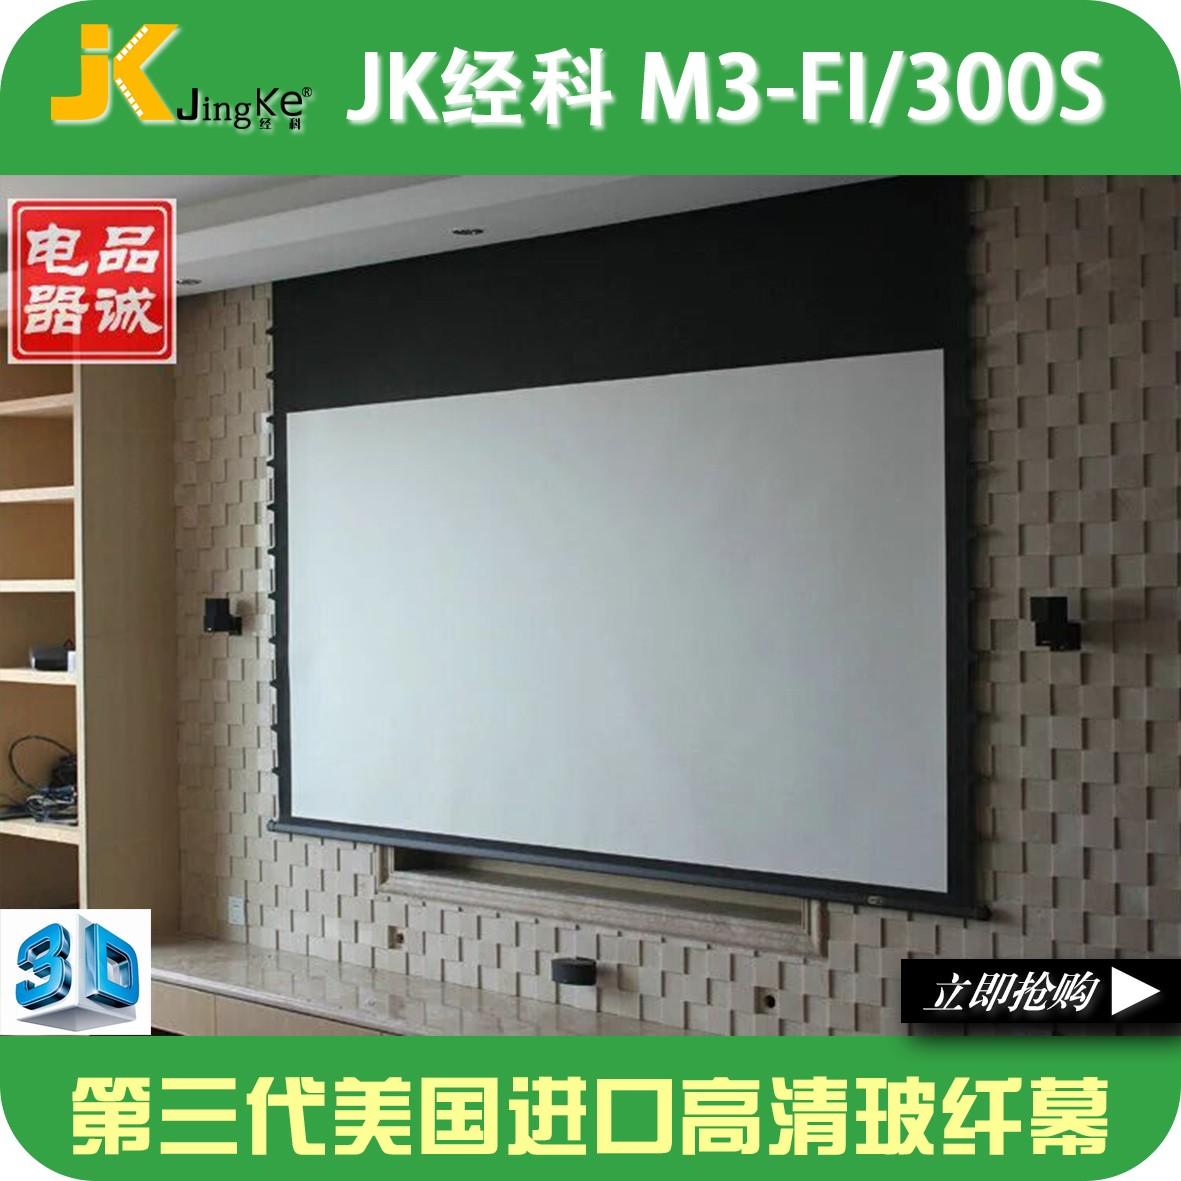 JK經科投影幕布M3-FI-300S 100寸120寸150寸16:9電動遙控拉繩拉線幕自動玻纖幕3D4K家用高清商用頂裝壁掛幕